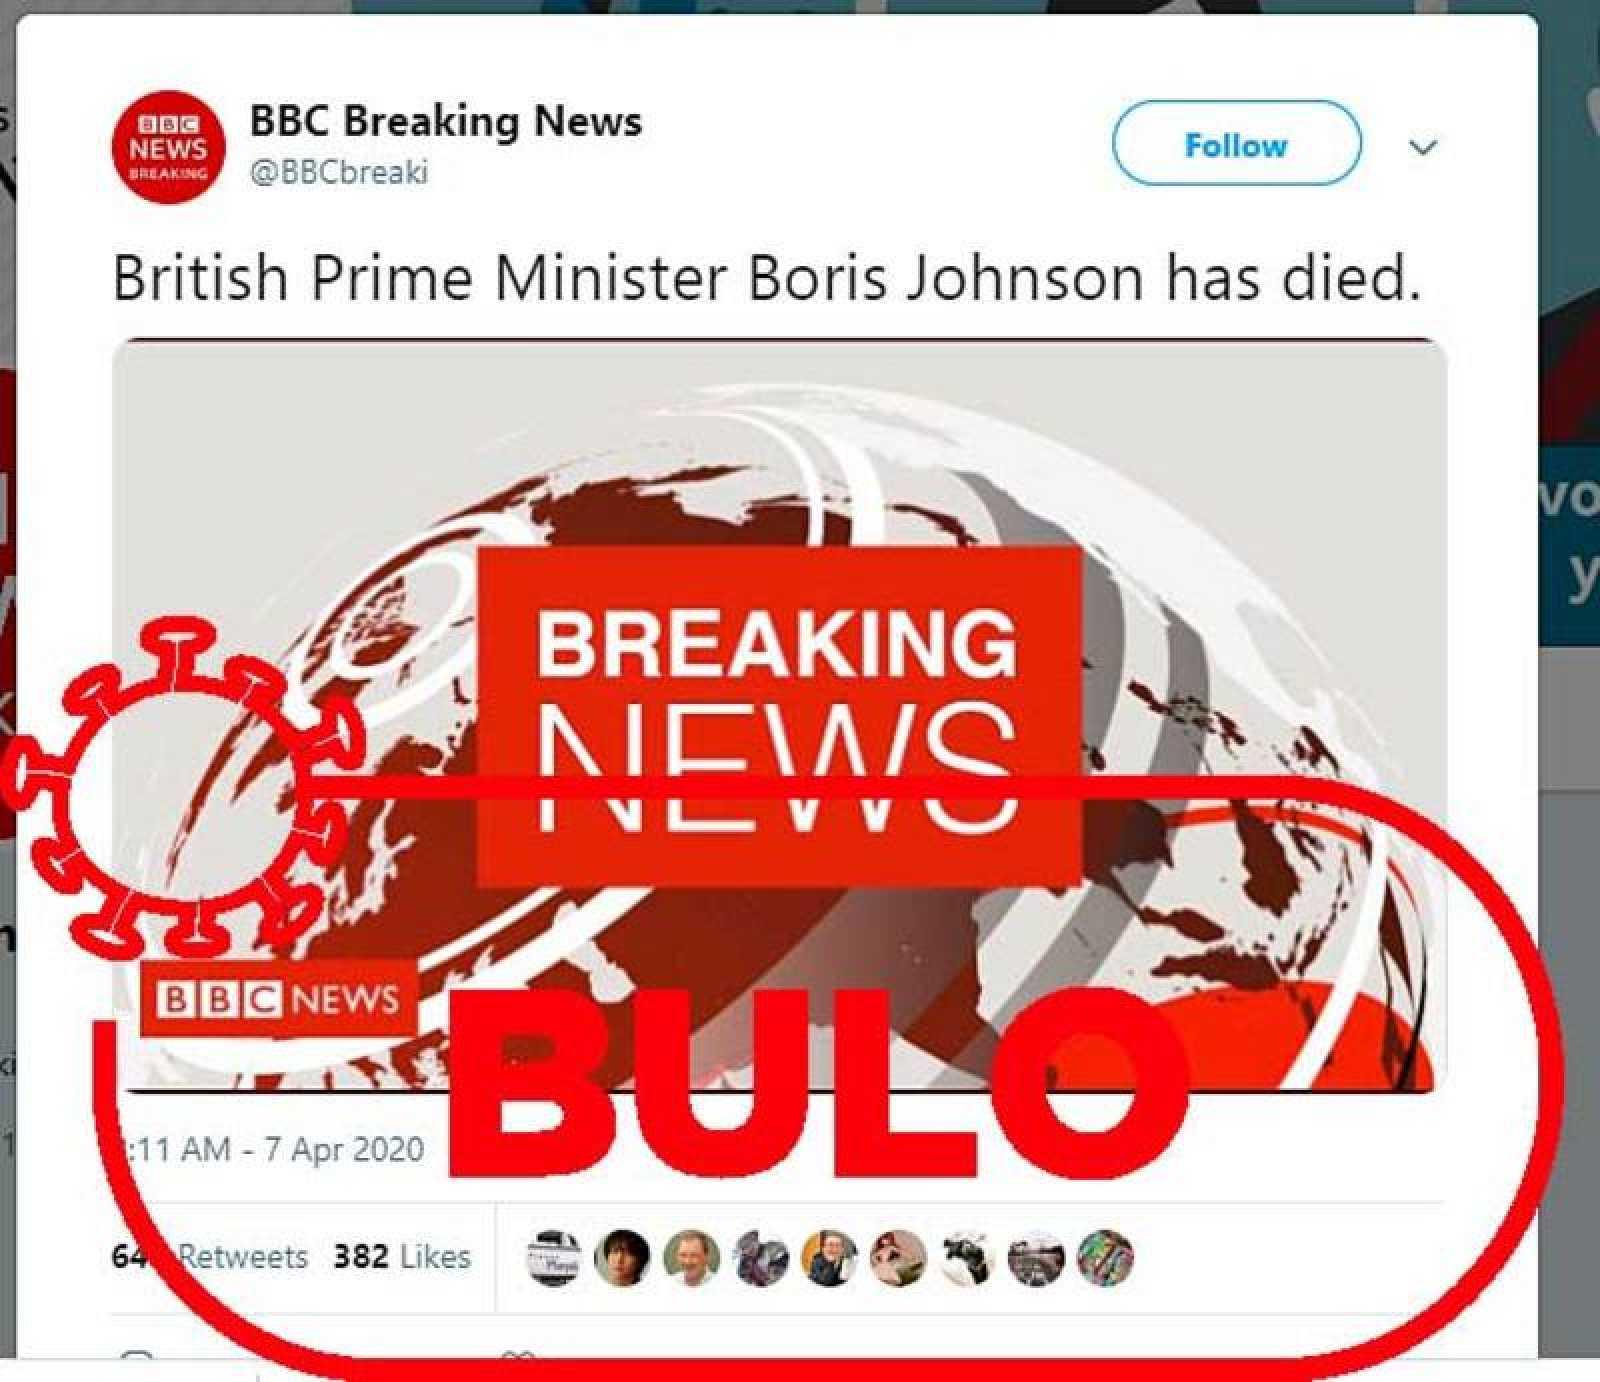 Captura con la imagen del bulo sobre la muerte del primer ministro británico.